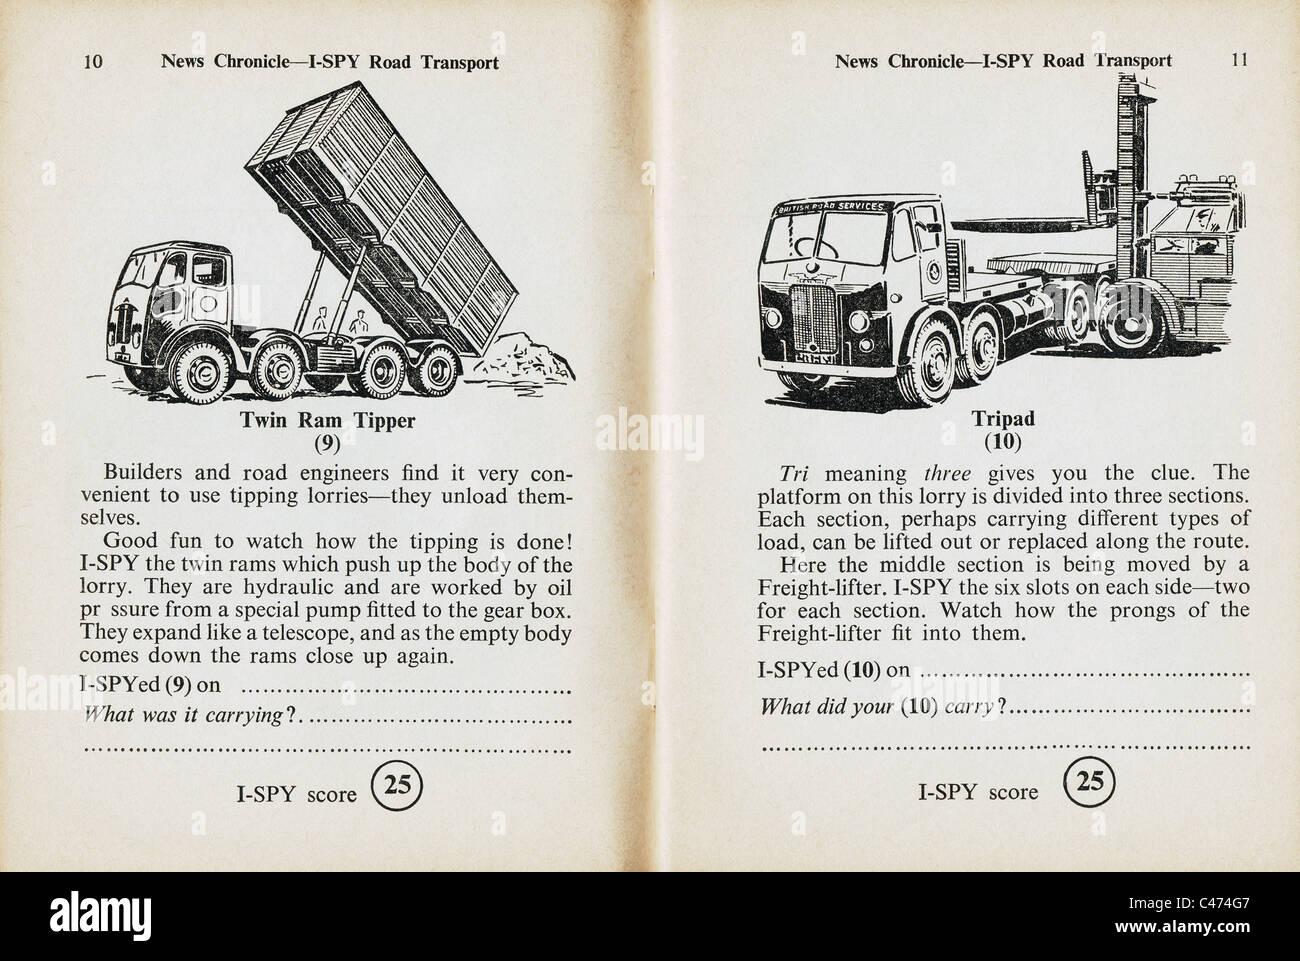 Pages de I-Spy book du transport routier publié par le Daily News en 1960 Banque D'Images